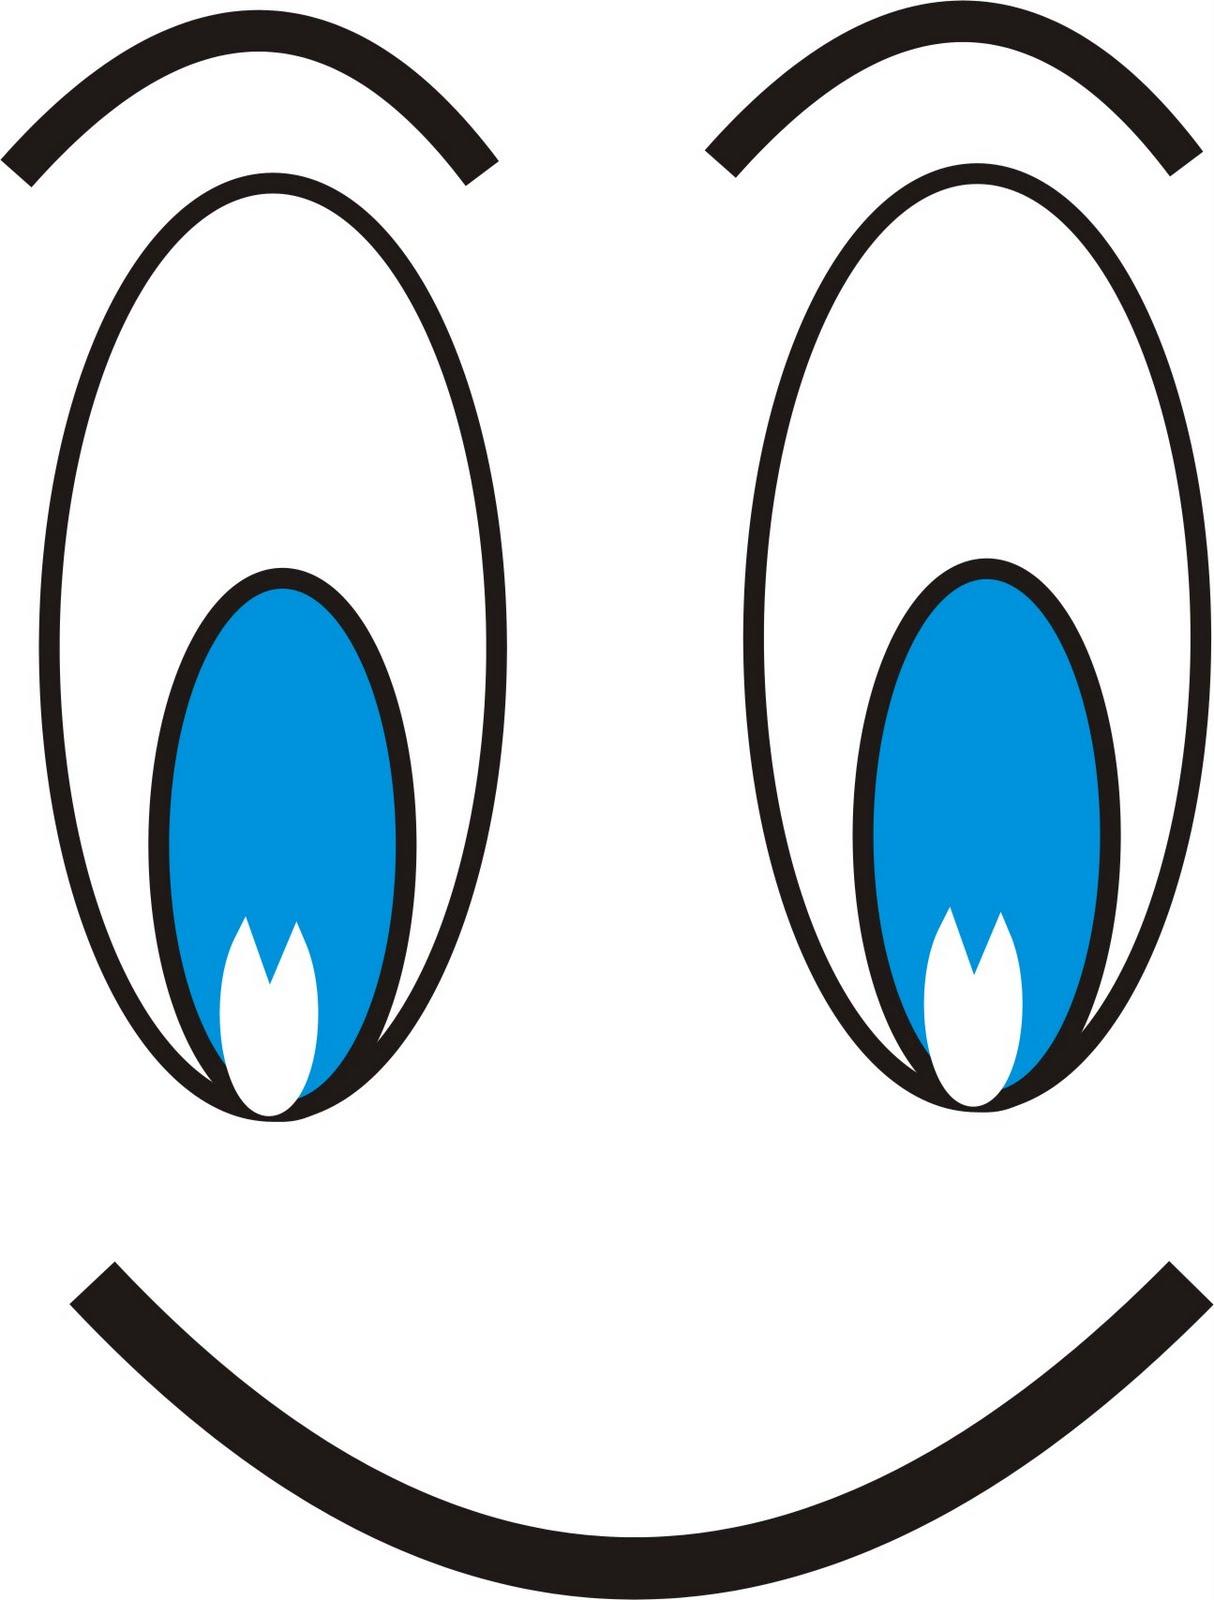 Ojos de caricaturas imagenes - Imagui